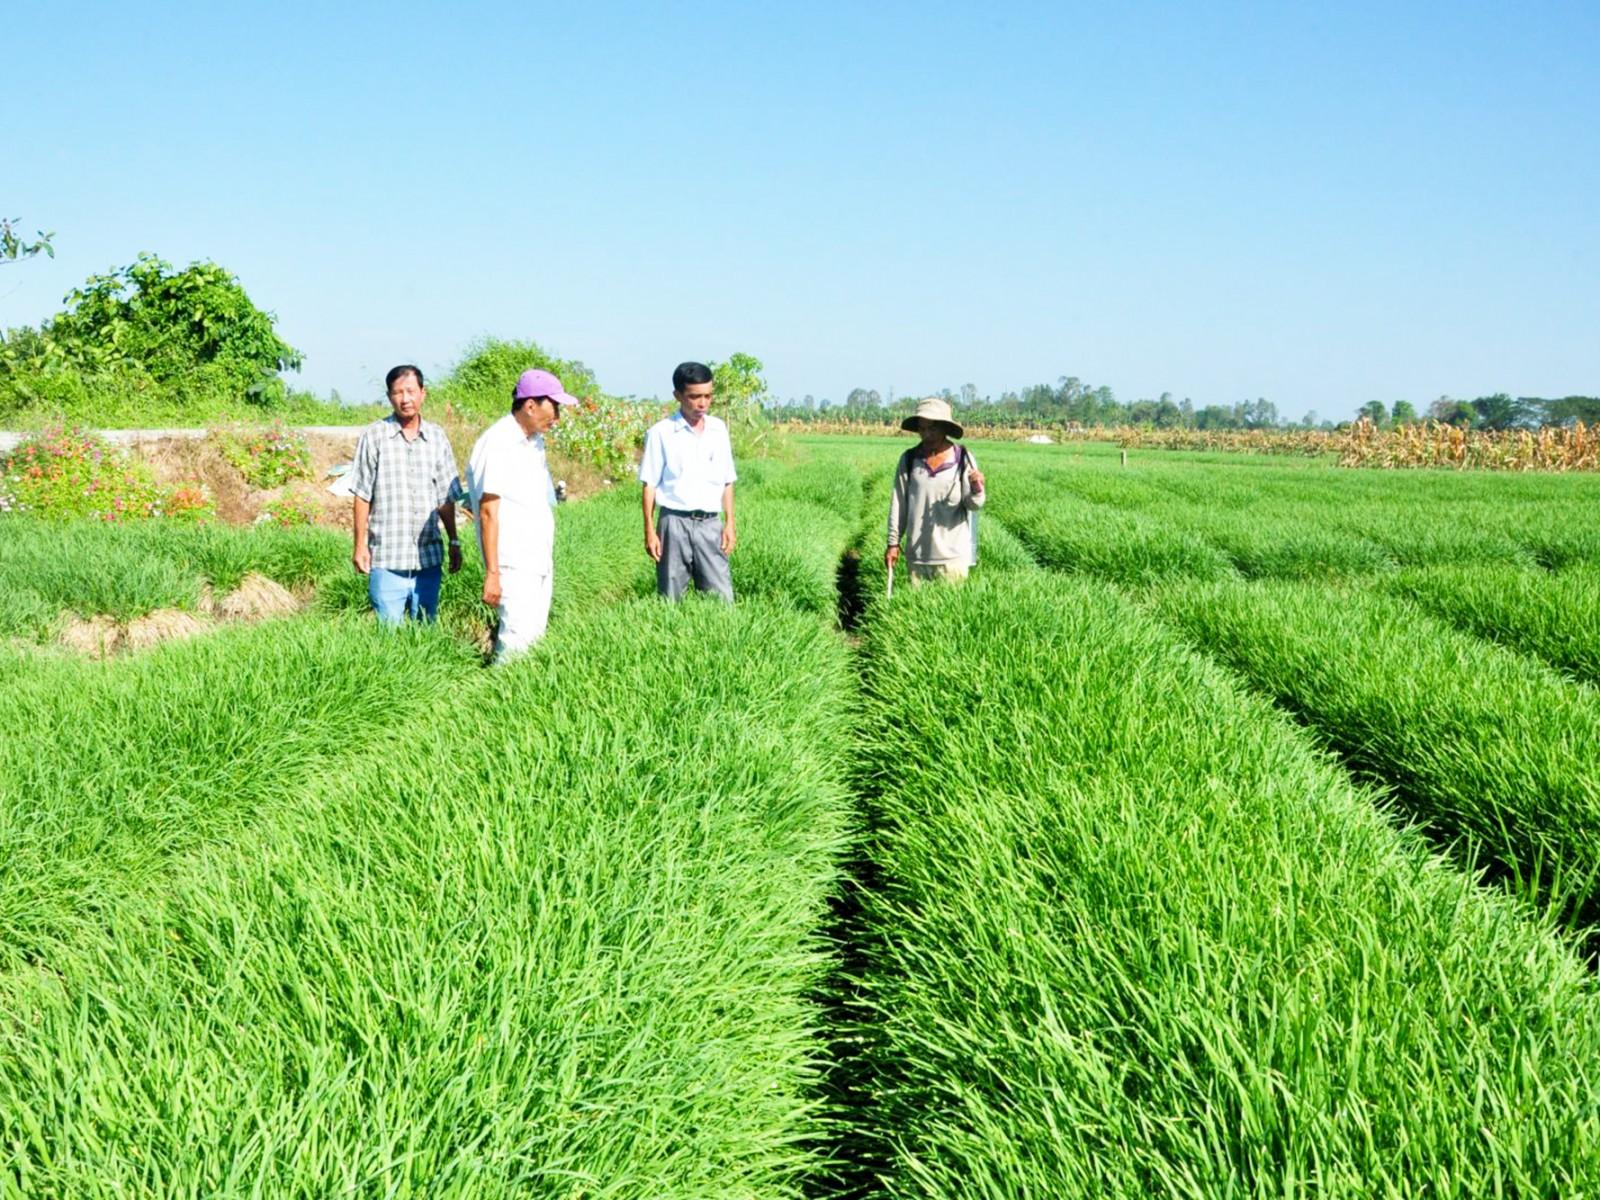 Cán bộ phường Thạnh Hòa, quận Thốt Nốt tham quan mô hình rau sạch của nhân dân.